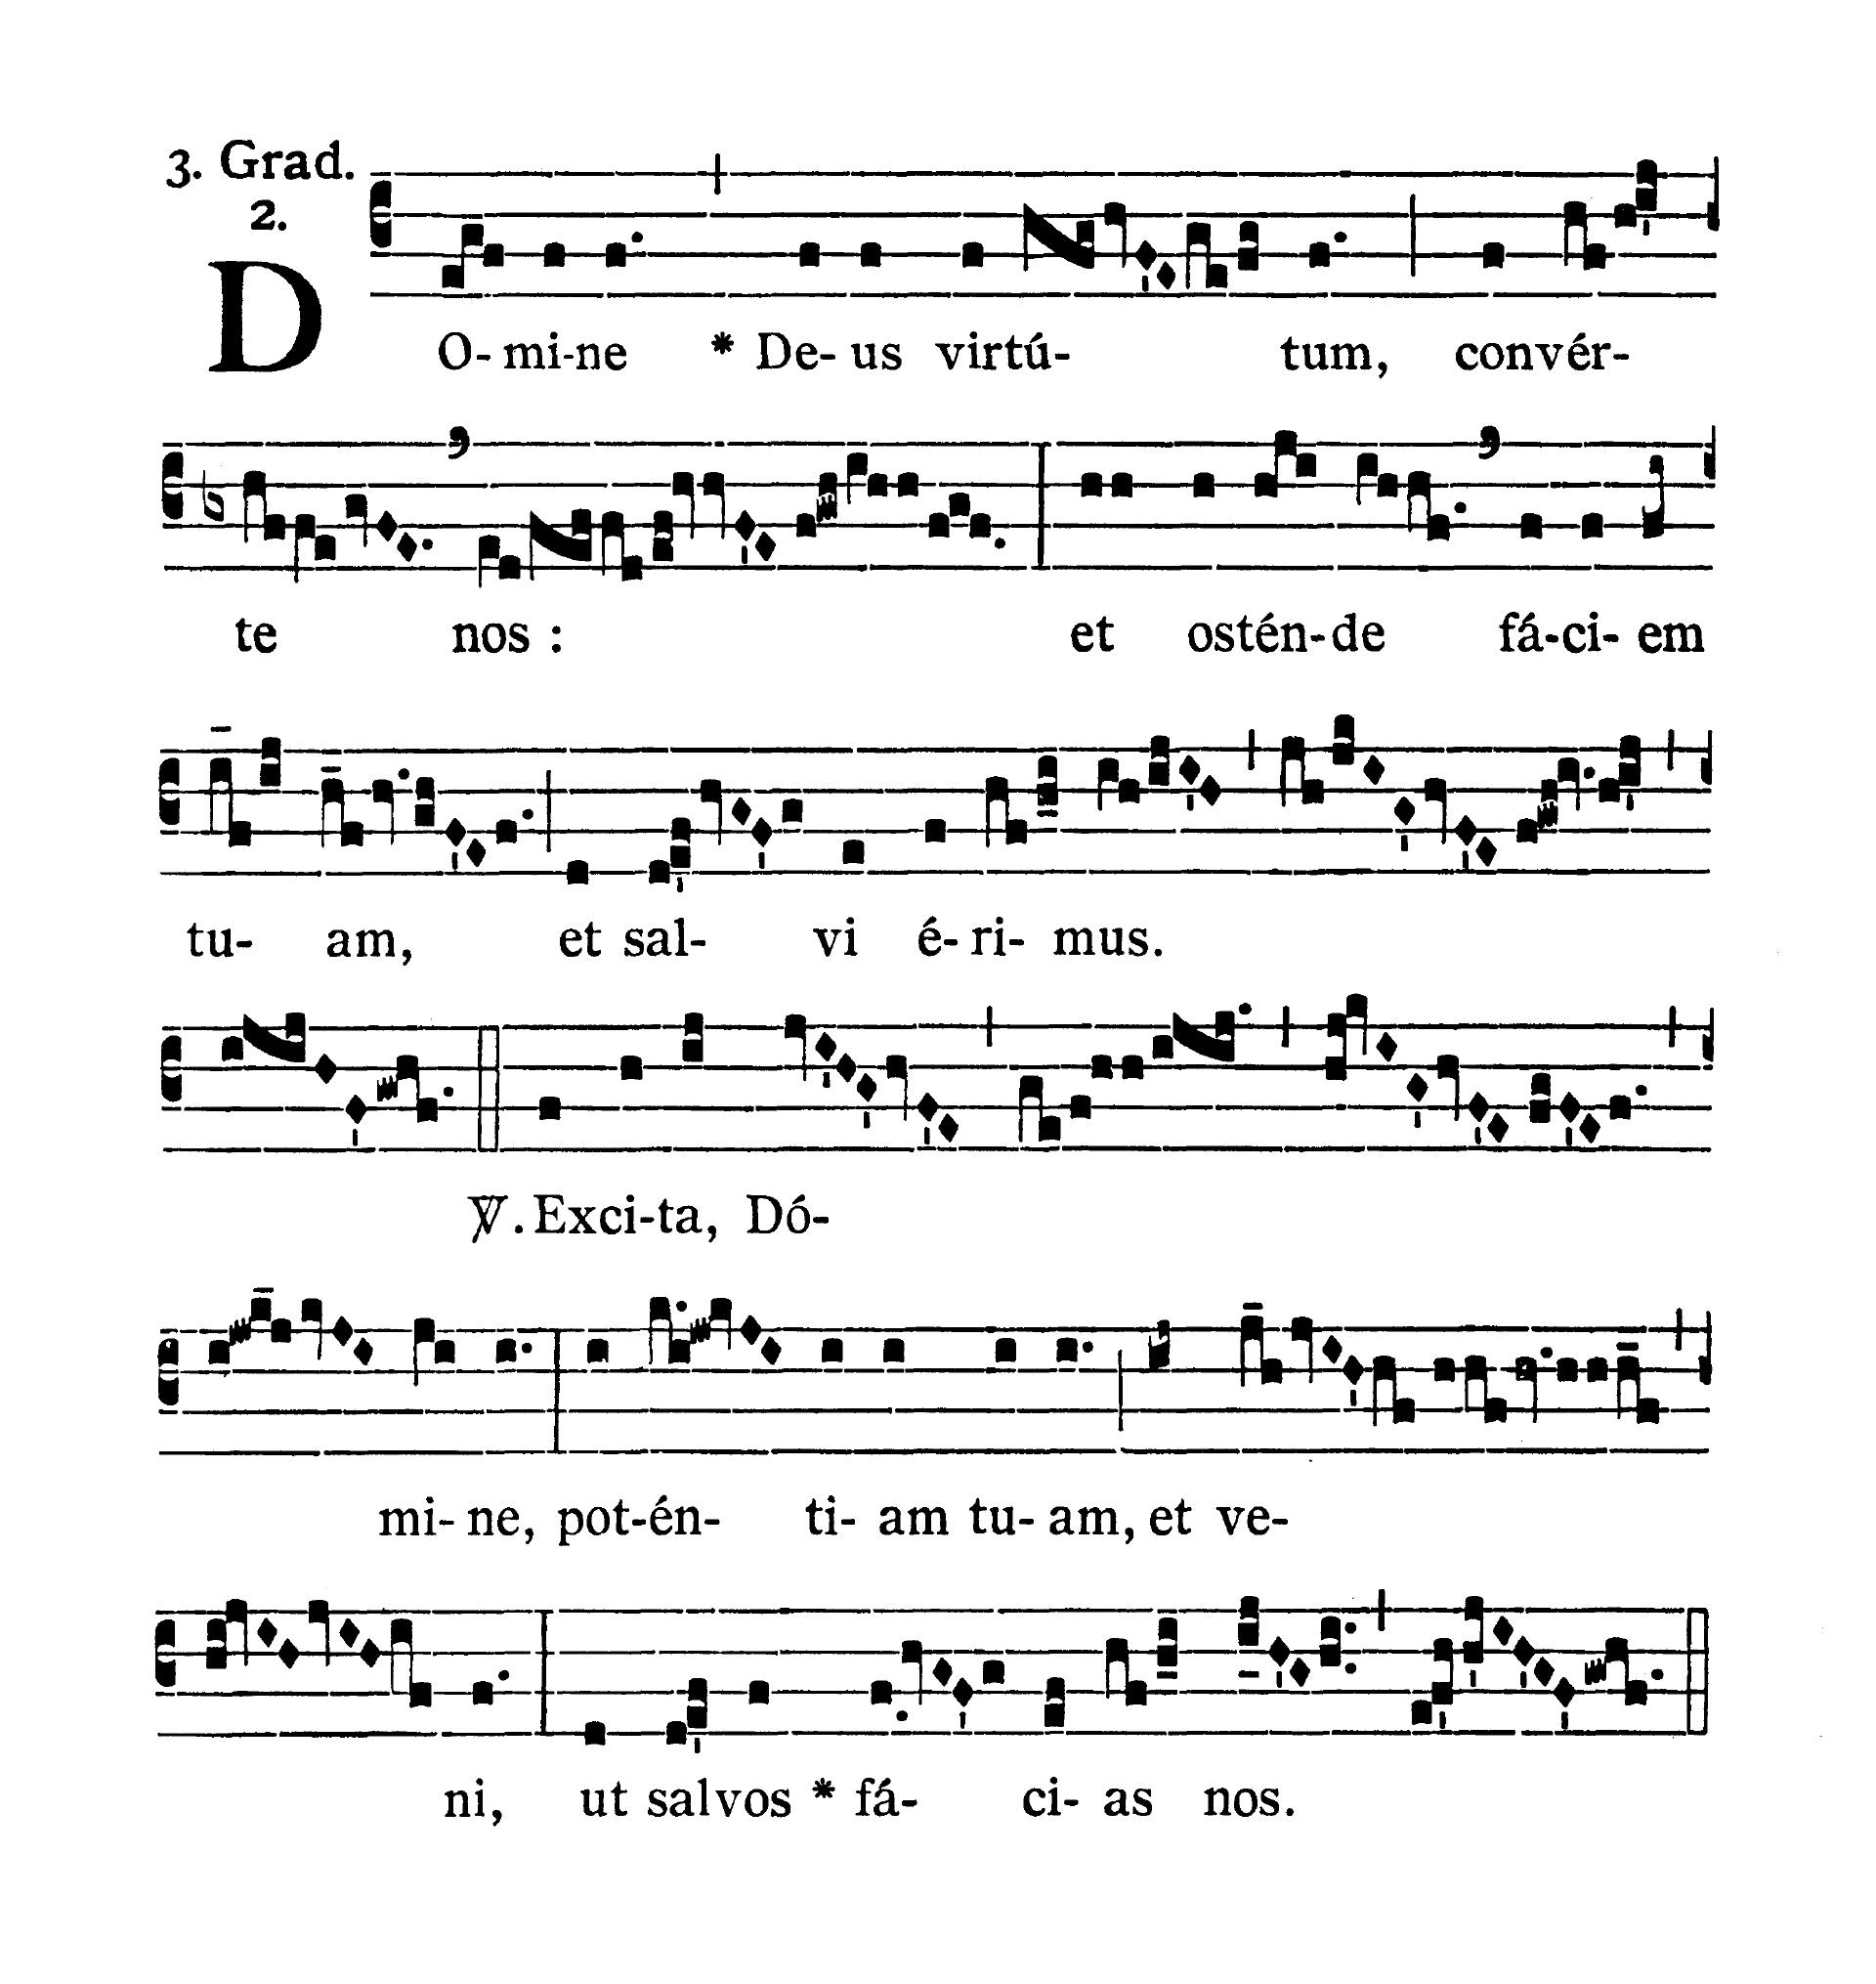 Sabbato Quatuor Temporum Adventus (sobota suchych dni Adwentu) - Graduale (Domine Deus virtutum)